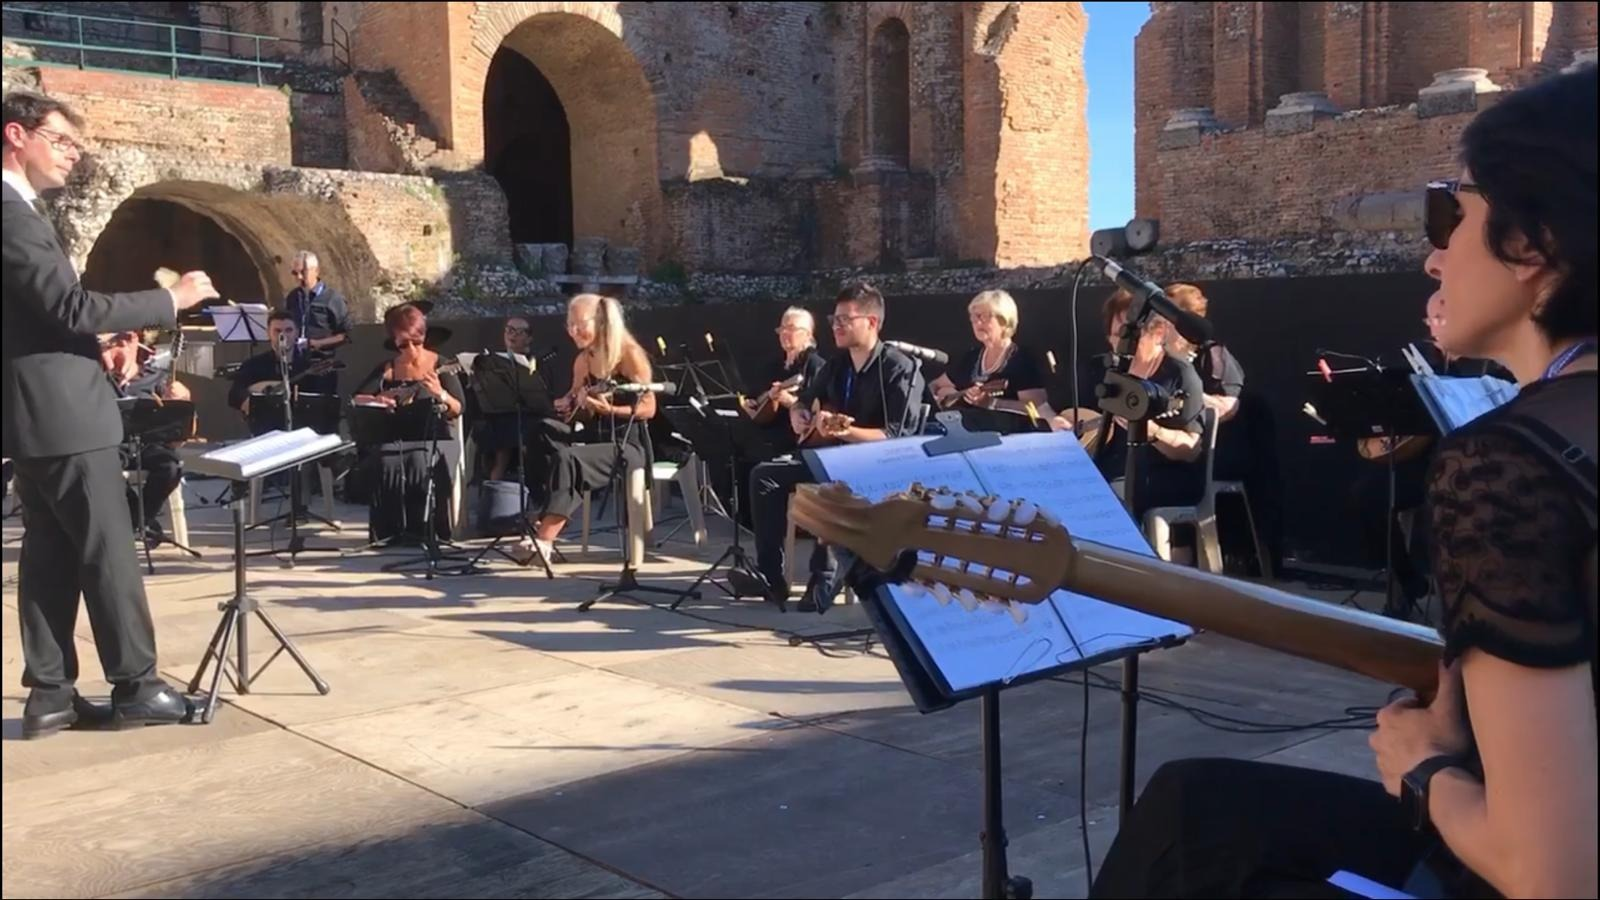 A Catania torna la musica dal vivo: al via la 17° edizione del Festival Internazionale Classica & Dintorni